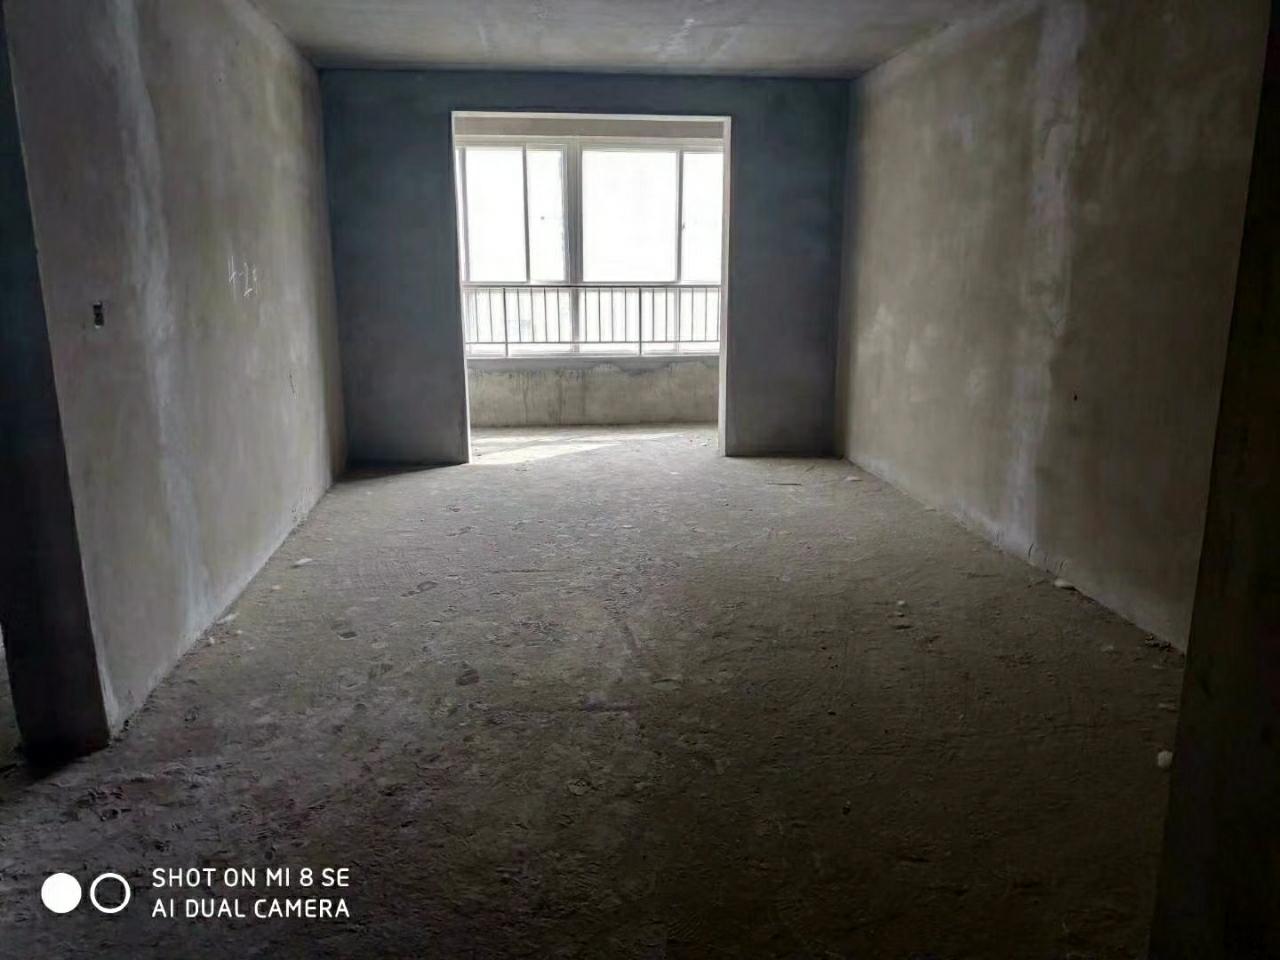 君浩·书香苑3室 2厅 2卫61万元